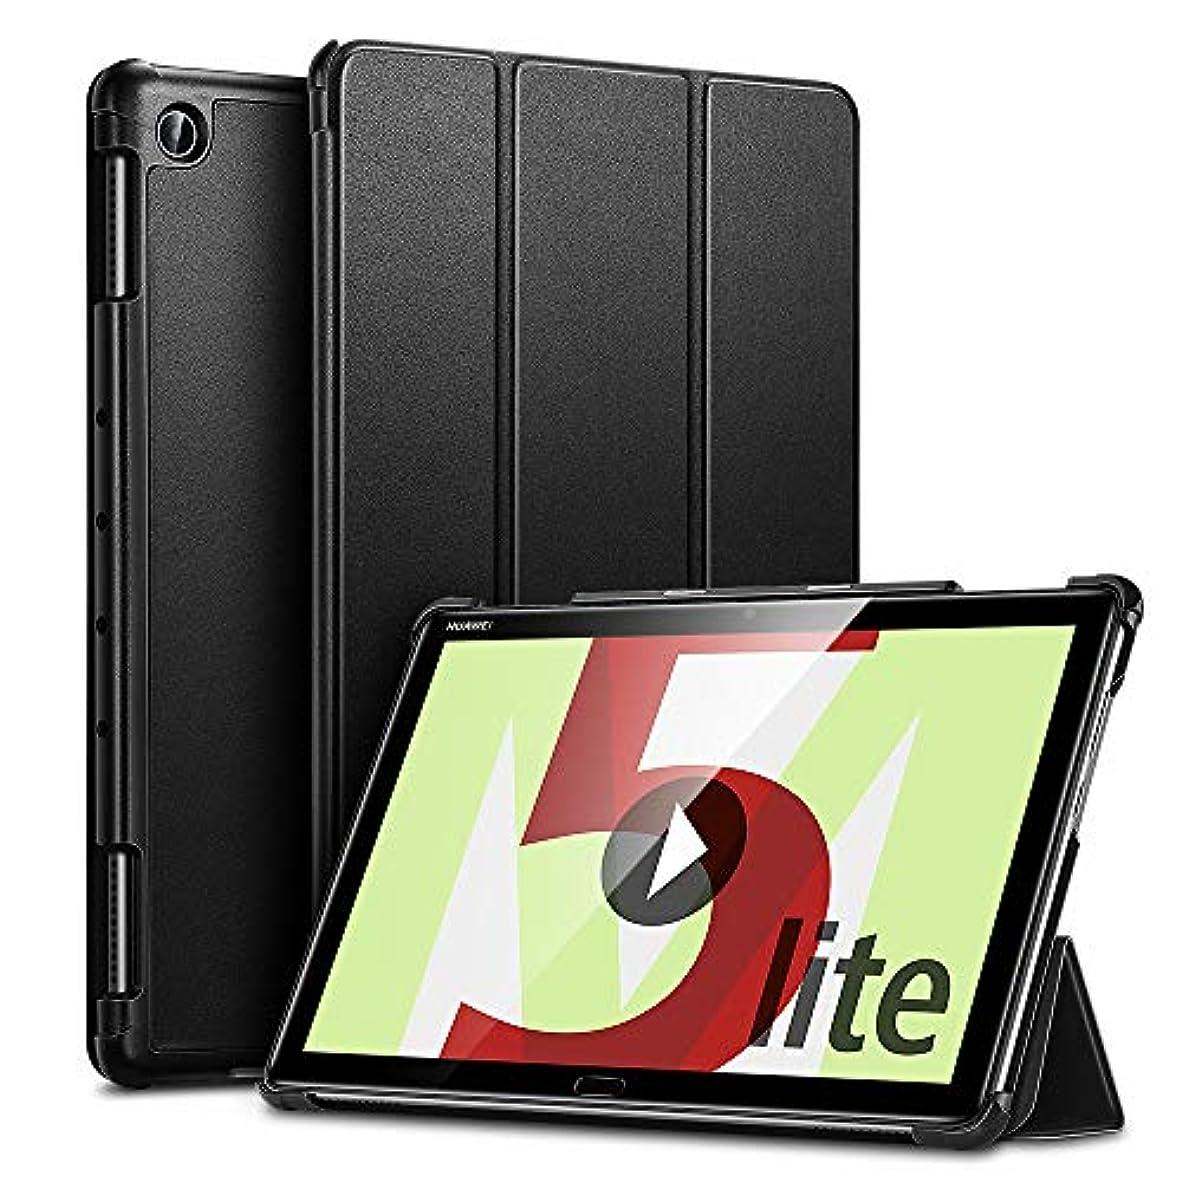 パニックはっきりと市民権ESR Huawei M5 Lite 10 ケース 軽量 薄型 レザー オートスリープ機能 三つ折りスタンド スマートカバー Huawei m5 lite 10.1インチ Wi-Fiモデル/LTEモデル適用(ブラック)